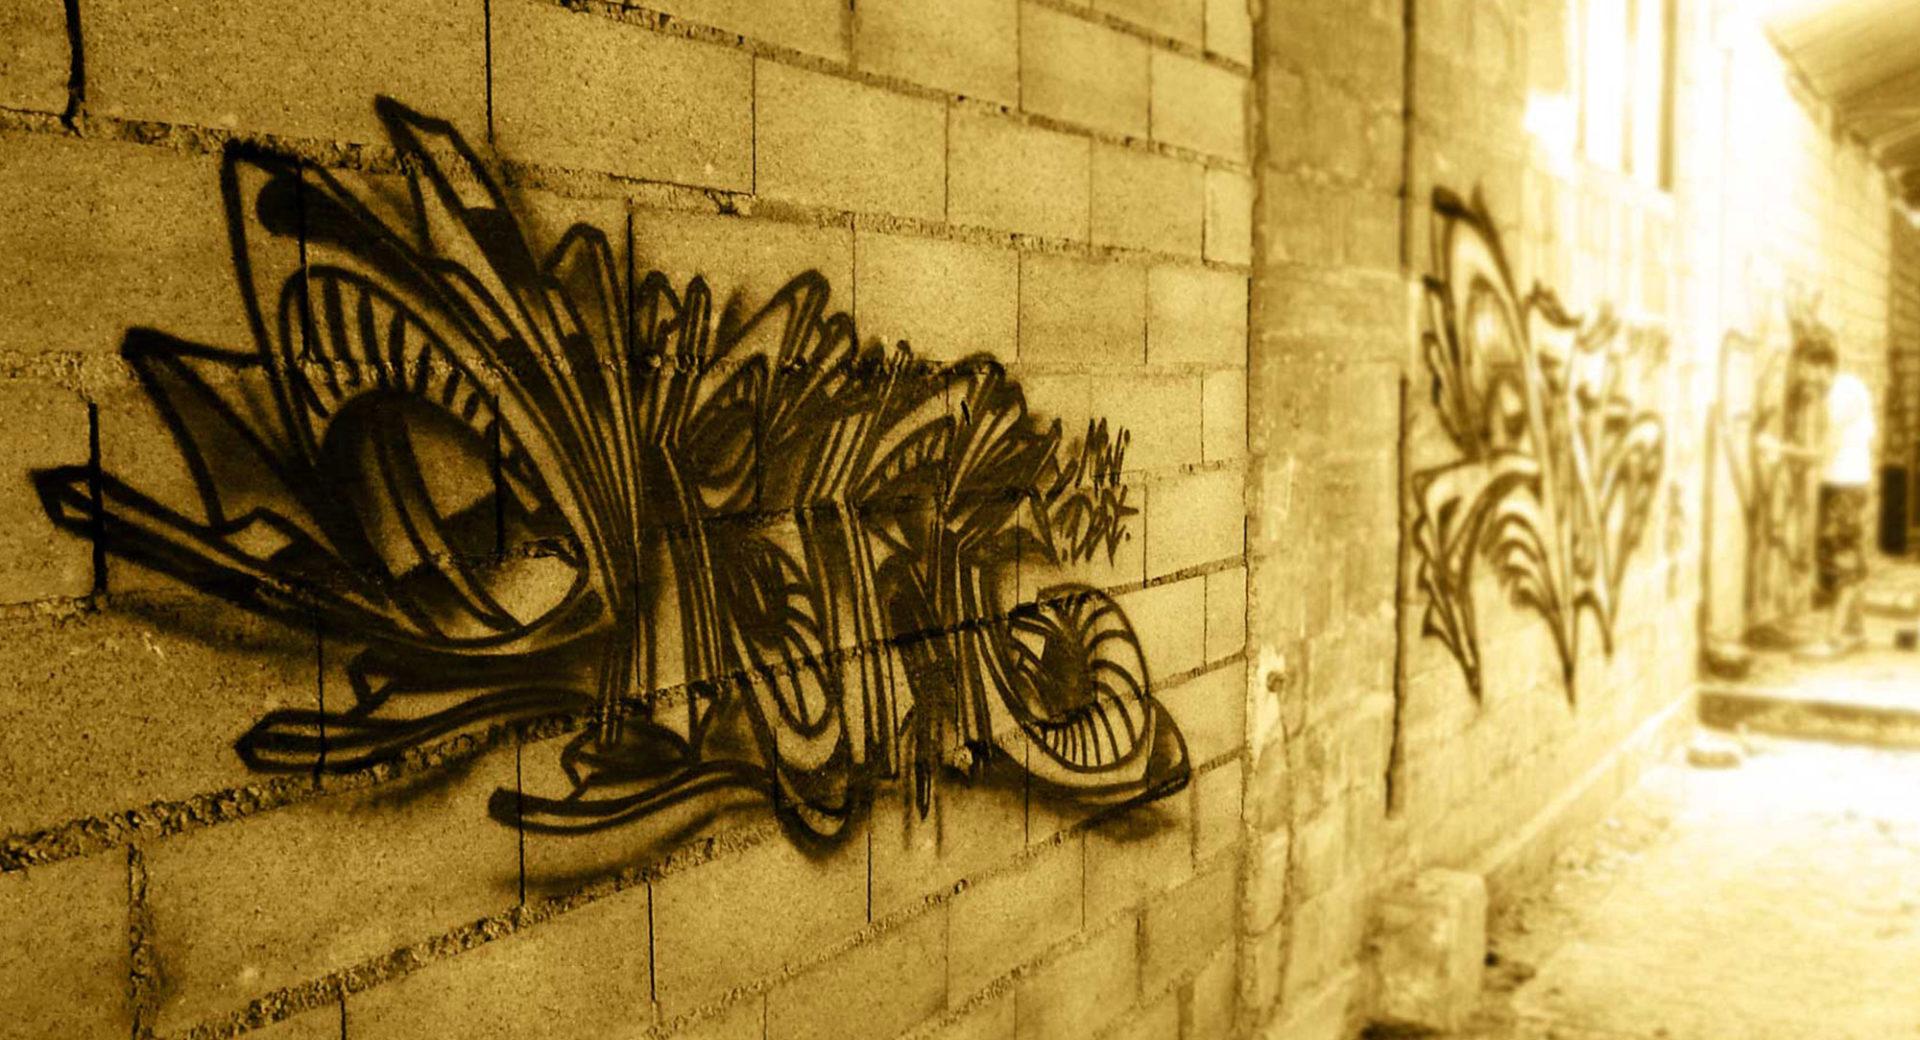 Mini Deft - Graffiti